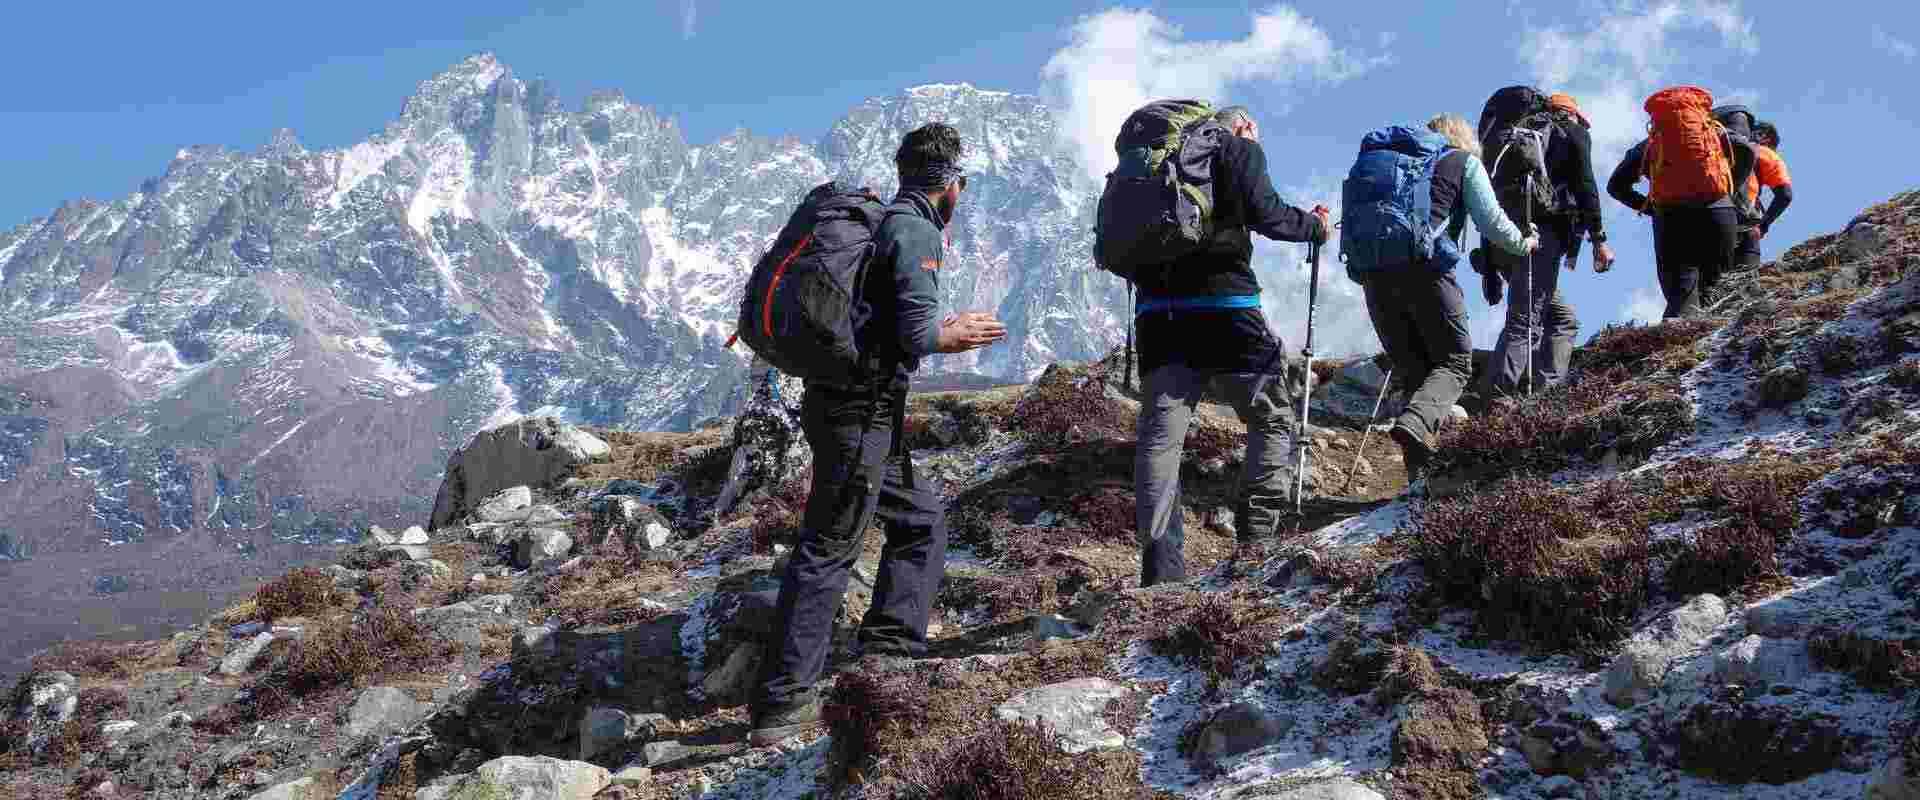 The EBC (Everest Base Camp) Trek - Ex Kathmandu